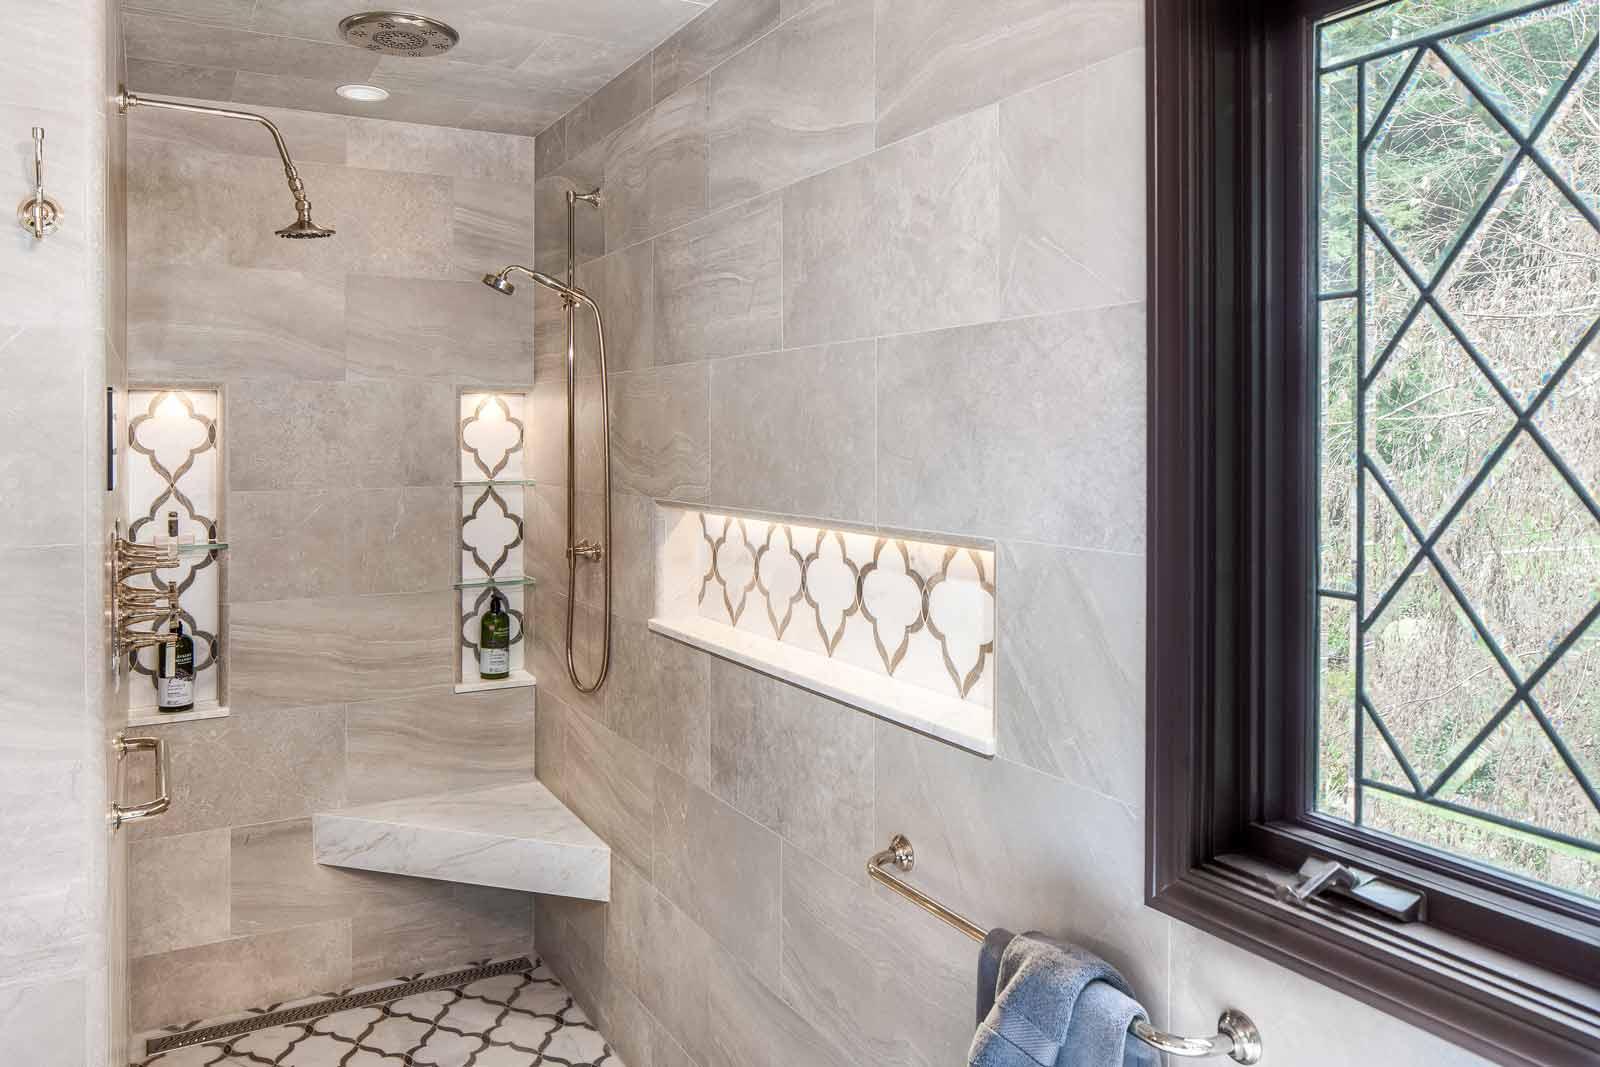 bathroom niche led lighting let s